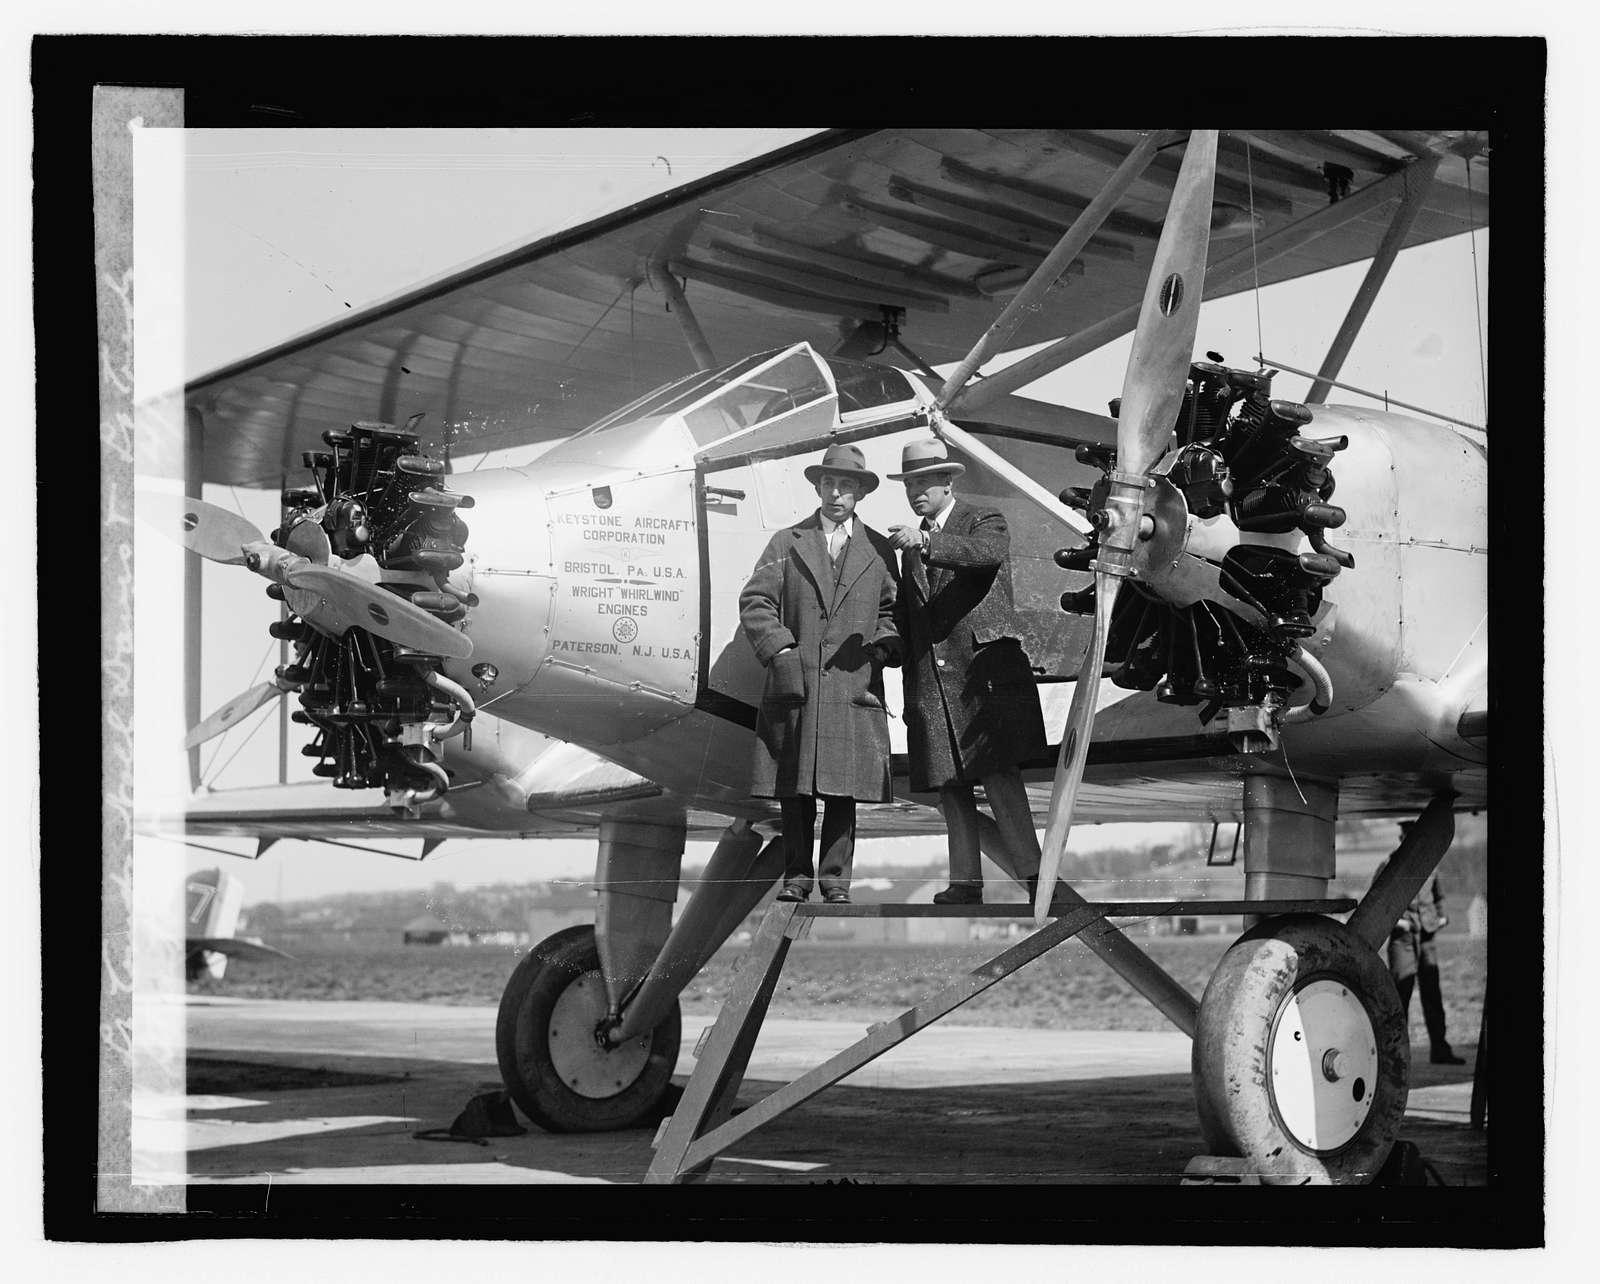 Lt. Comdr., Noel Davis & Lt. Comdr Stanton H. Wooster, 41127